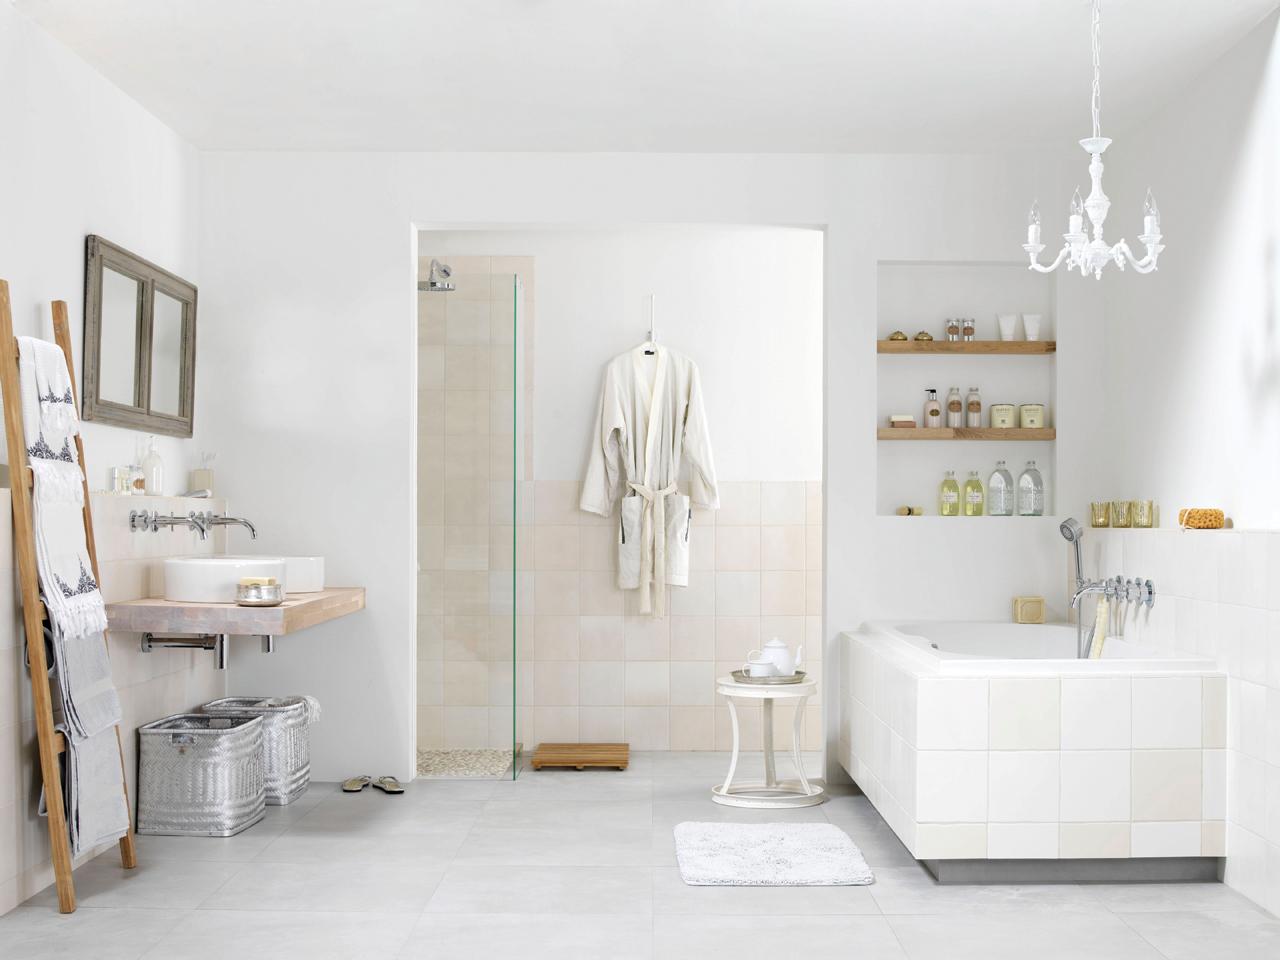 Whirlpool Bad Zelf Maken ~ Nieuwe showroom GRANDO Hilversum  Nieuws Startpagina voor keuken